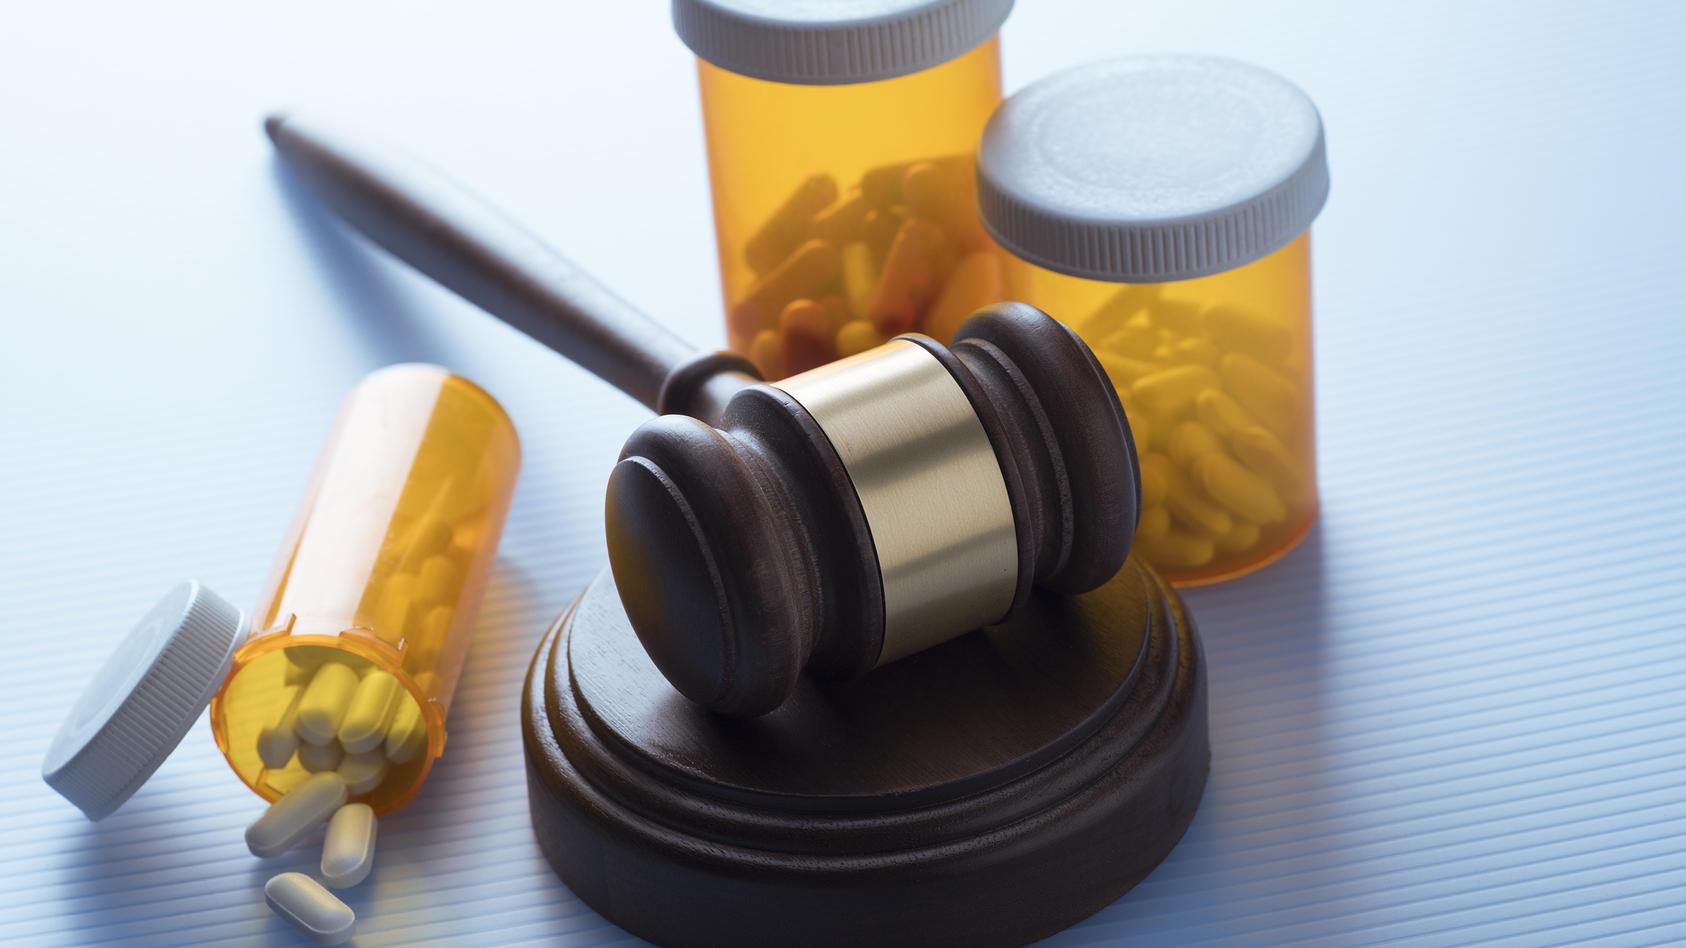 Das Arzneimittelgesetz zielt auf die Sicherheit im Verkehr mit Arzneimitteln, deren Qualität, Wirksamkeit und Unbedenklichkeit